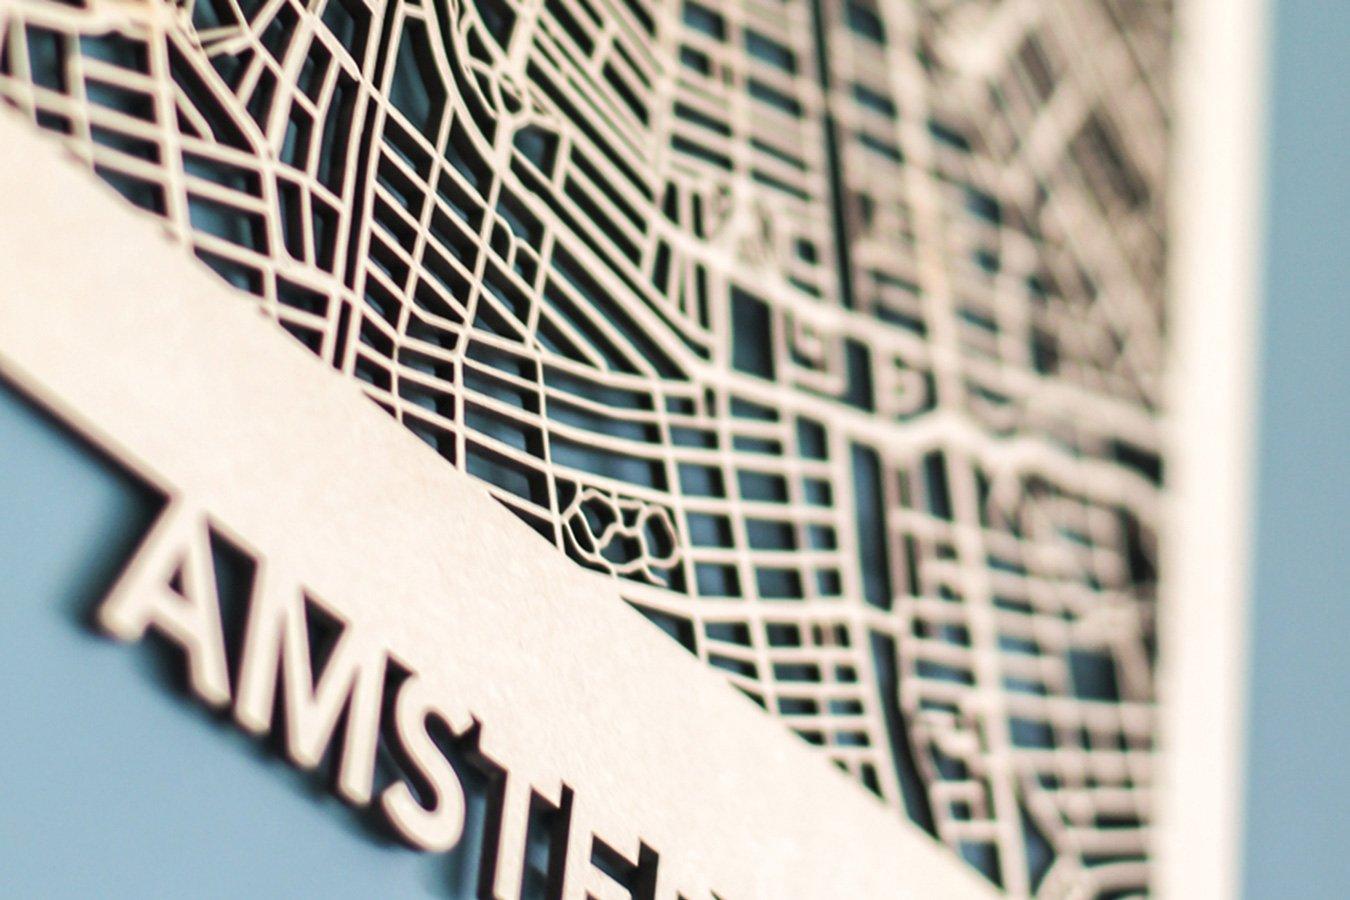 MAACKT Citymap Amsterdam